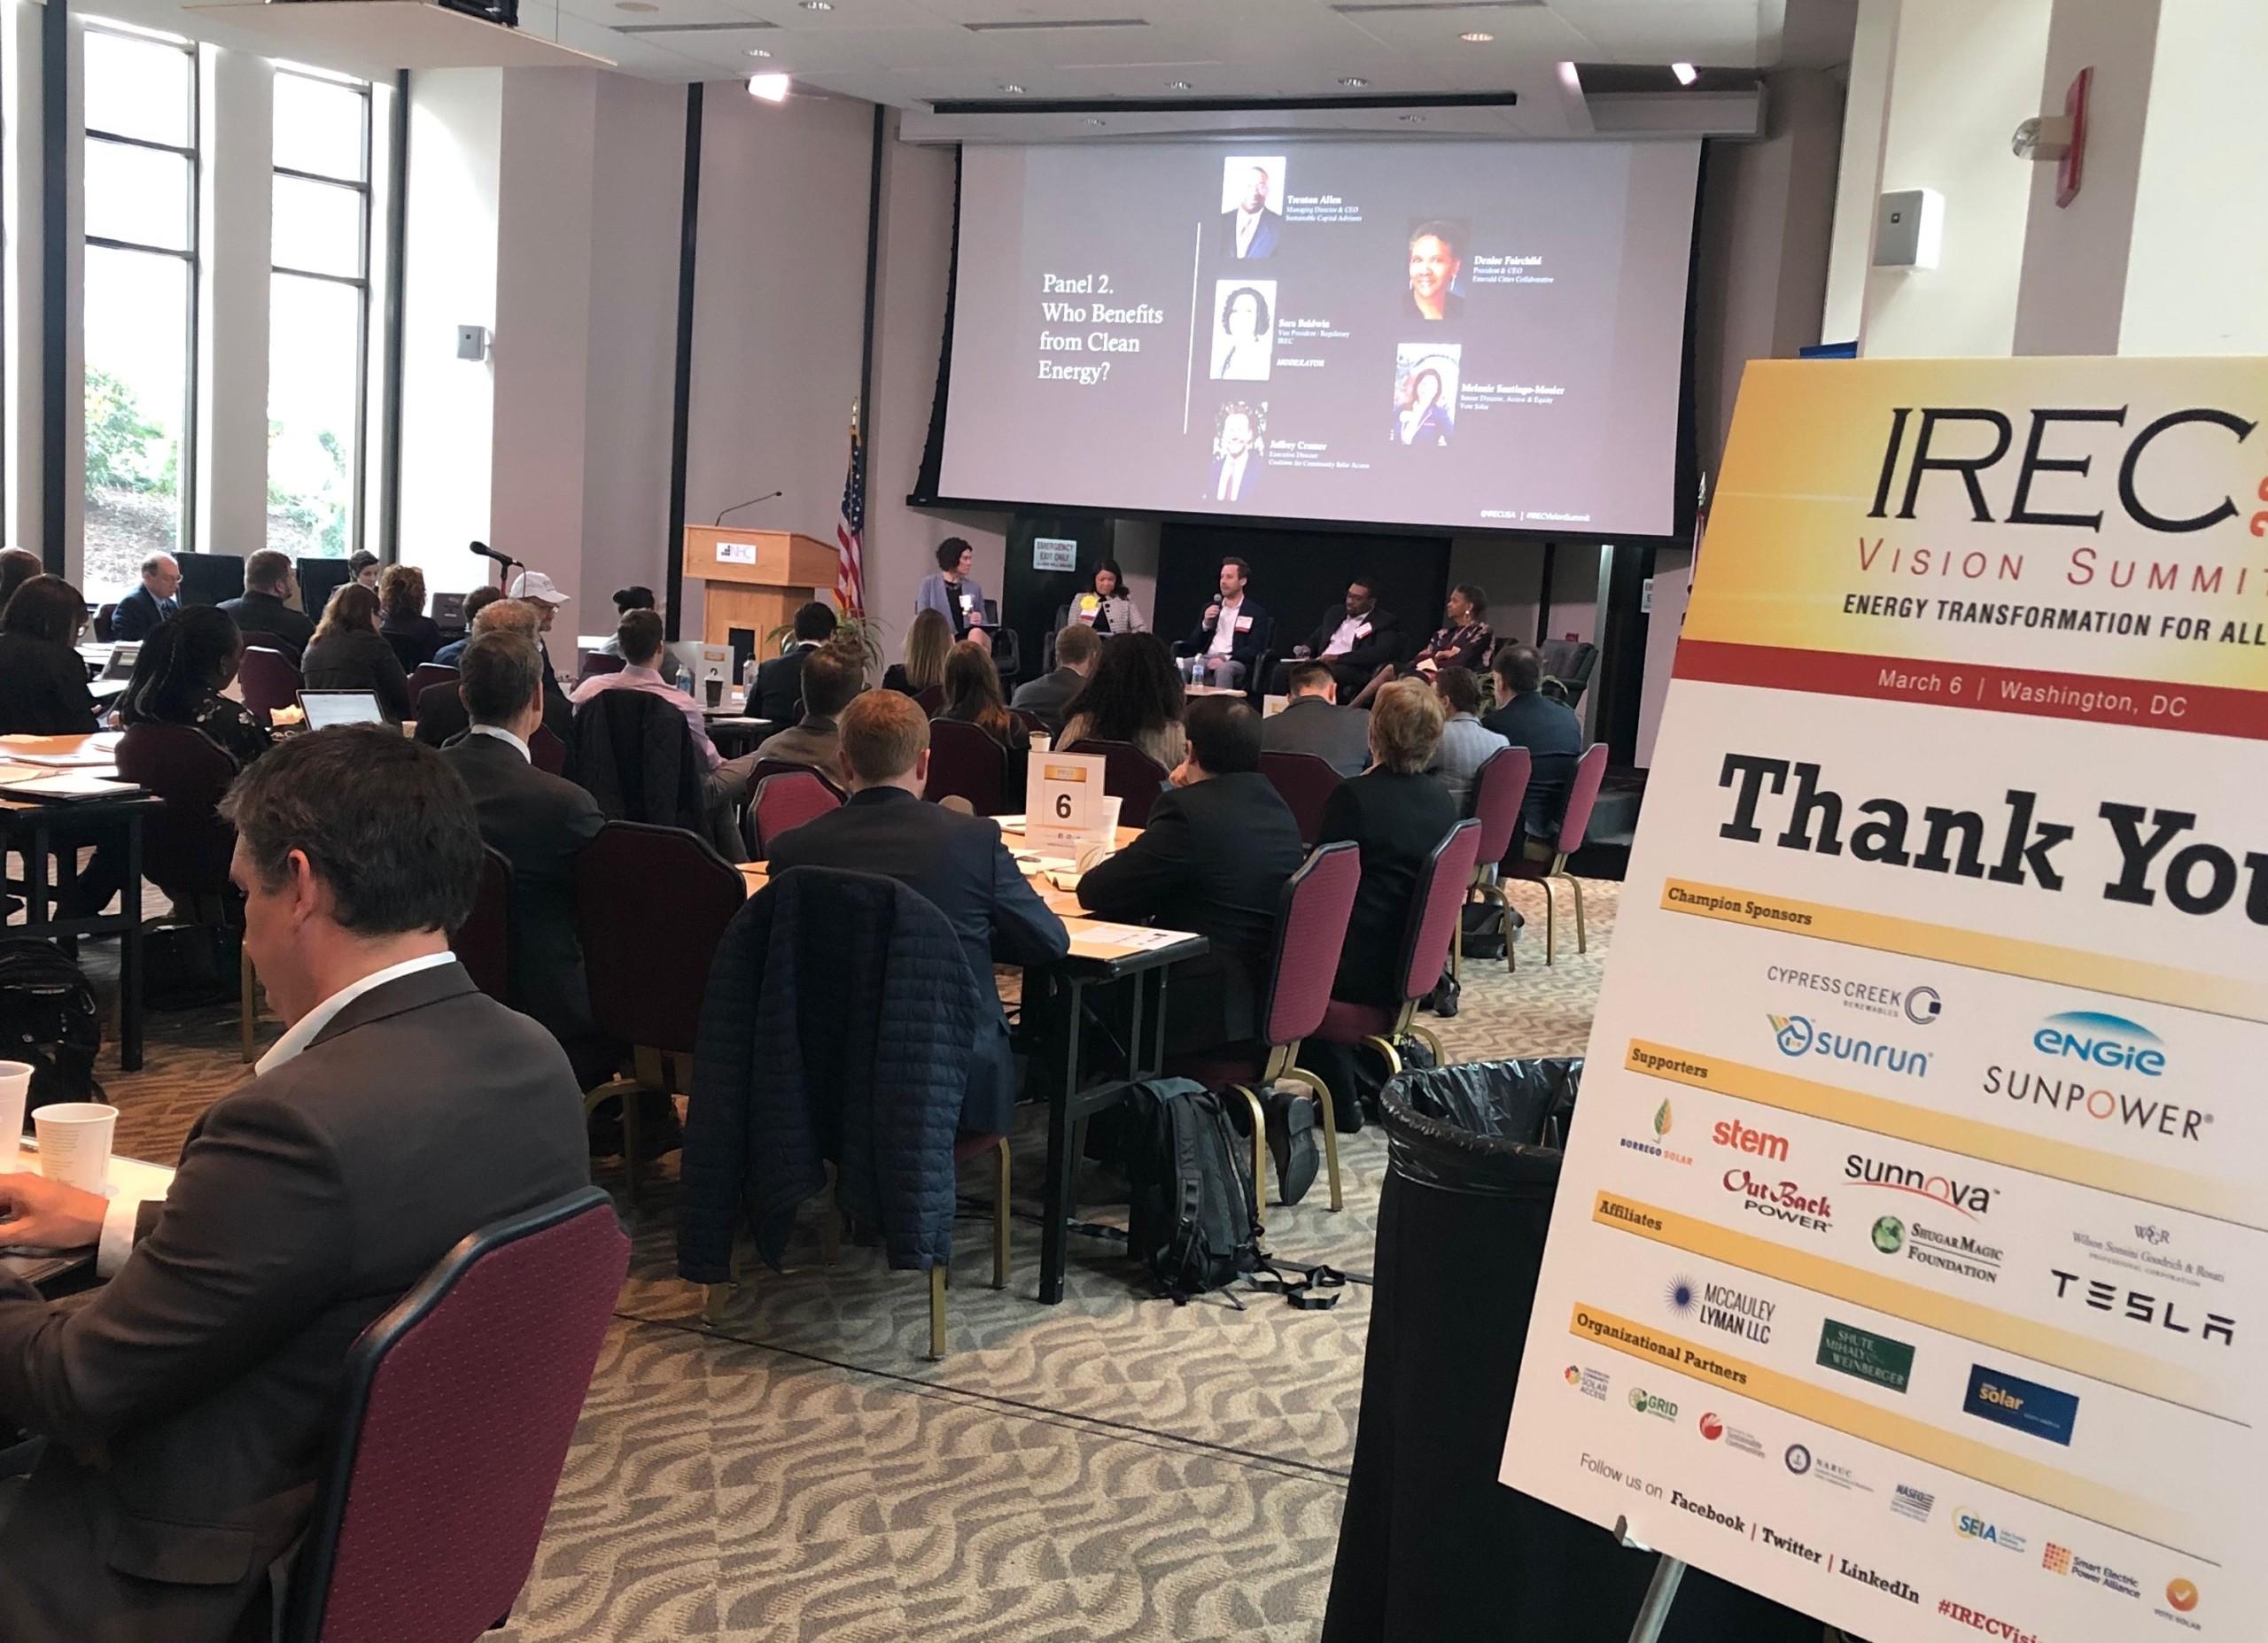 IREC Vision Summit